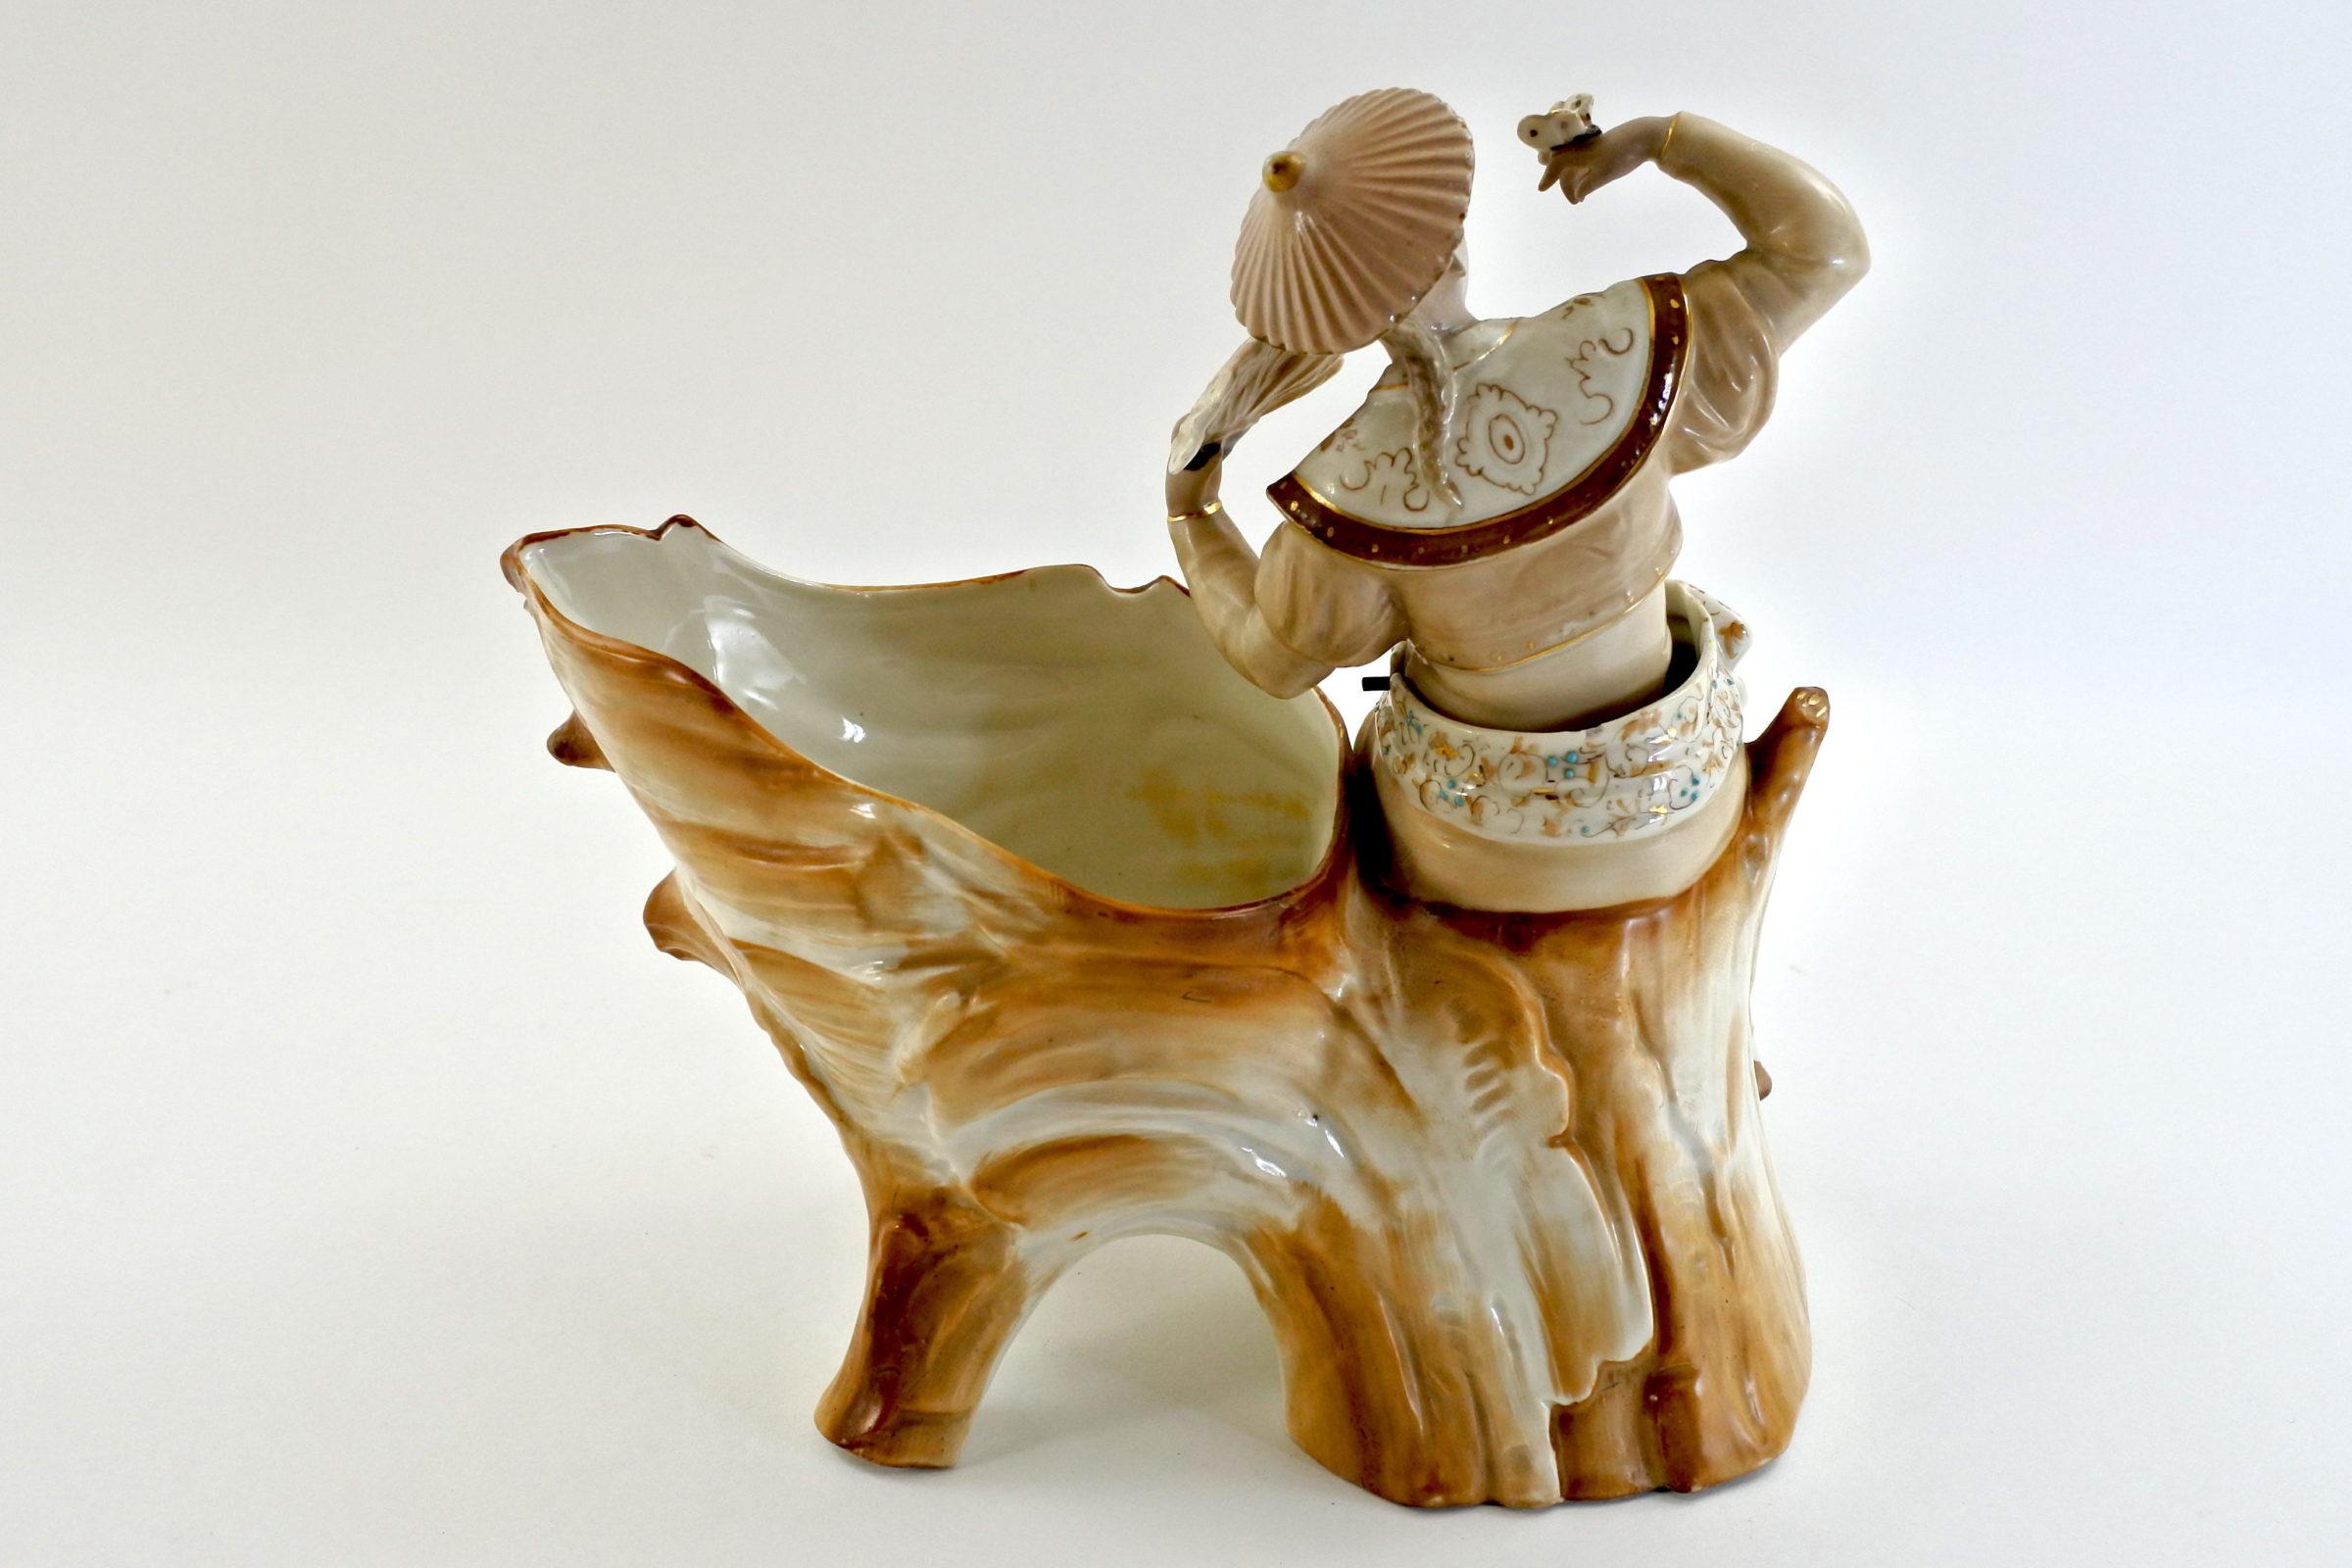 Cinese basculante in ceramica - Trembleur - 3